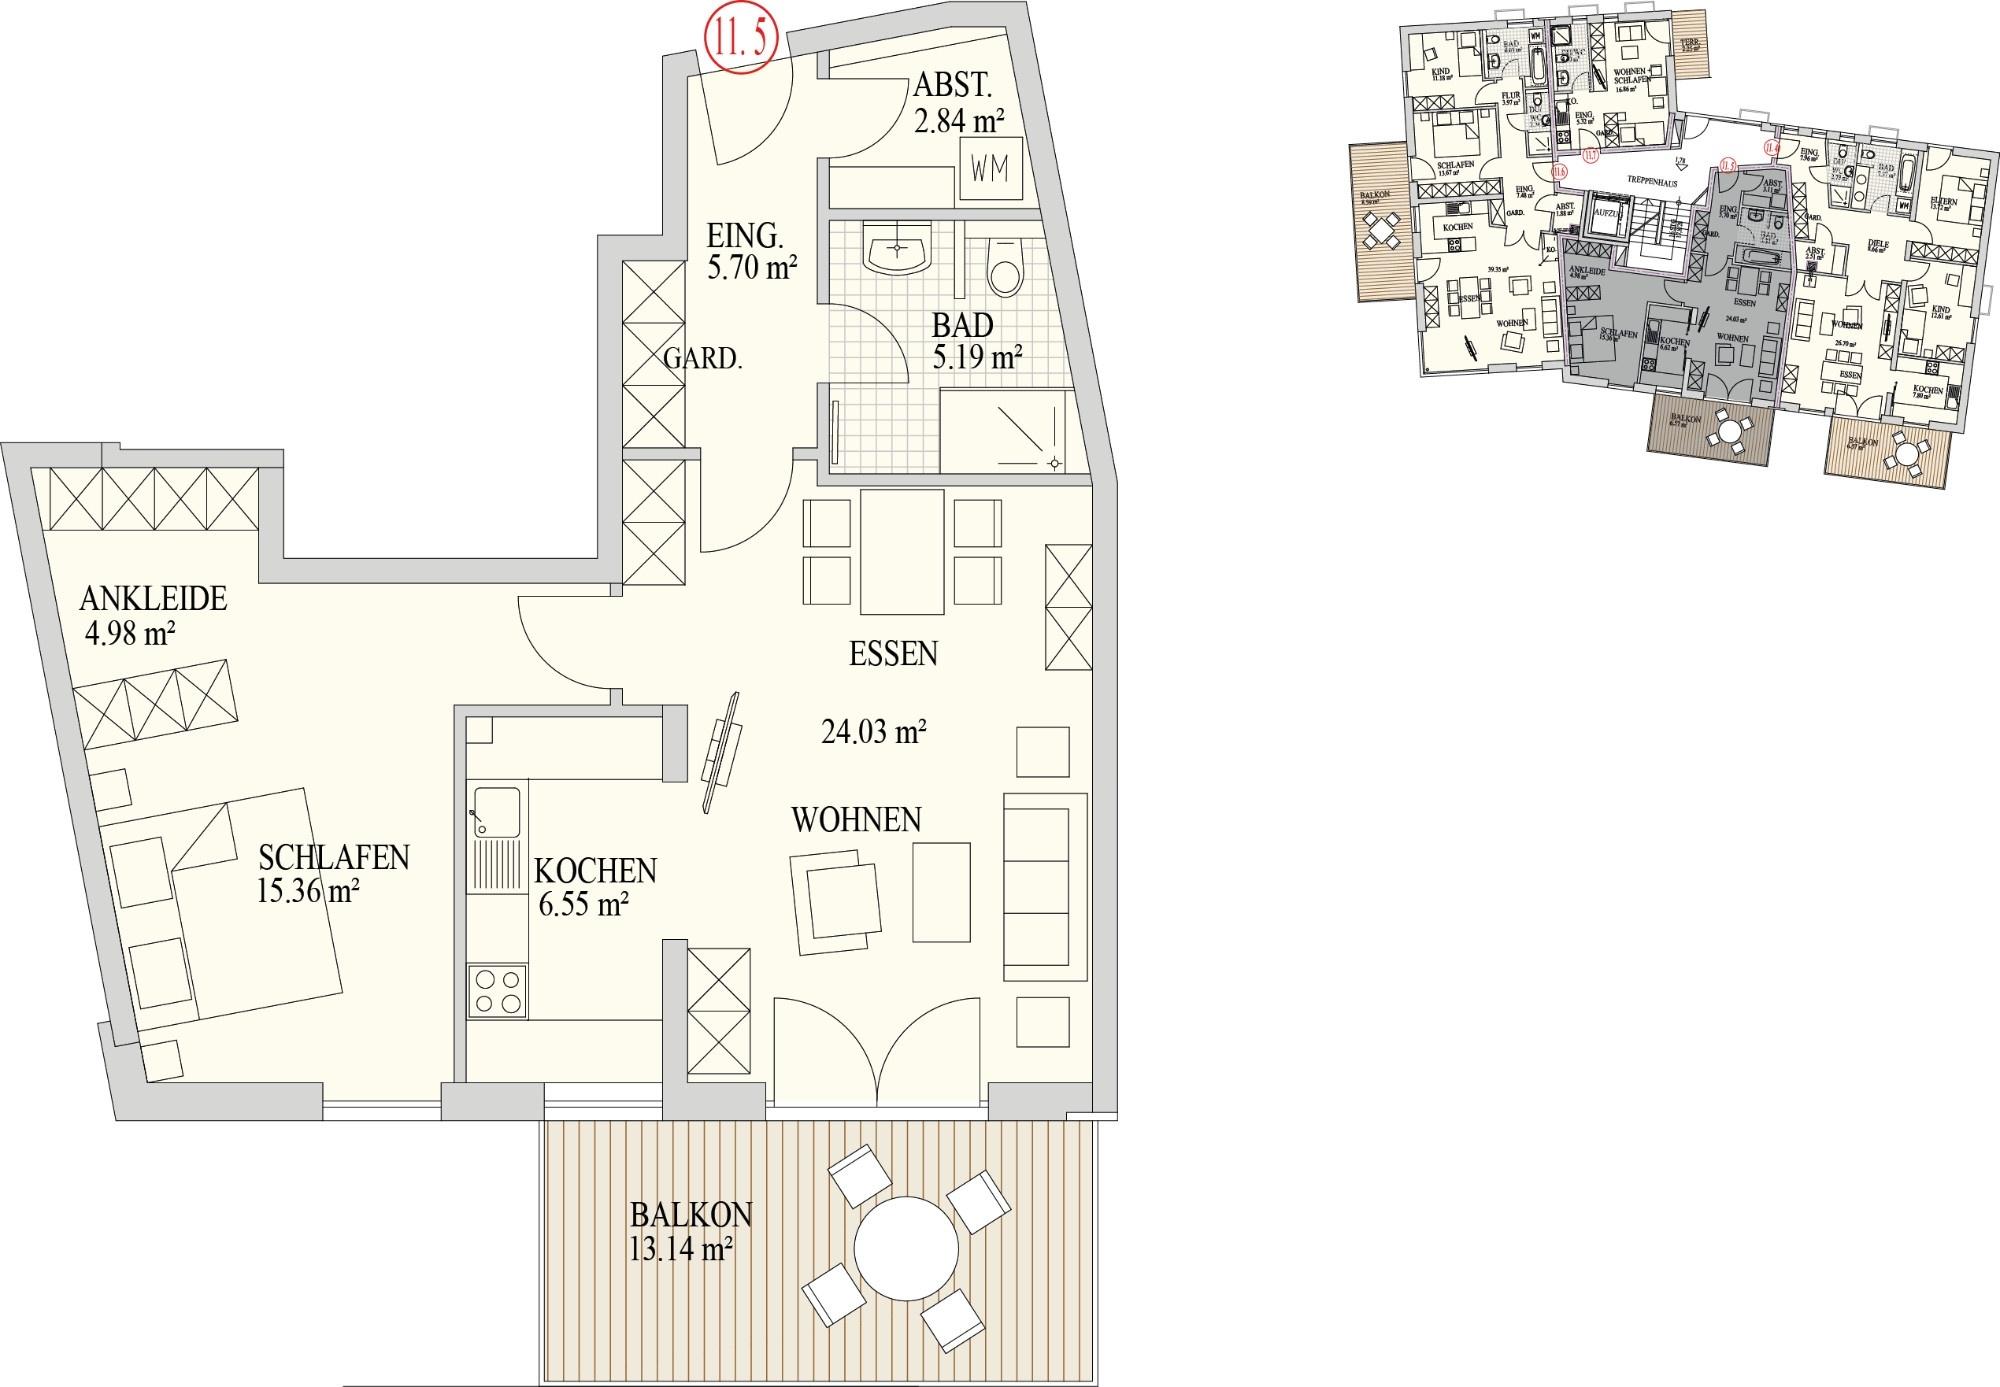 Grundriss_Wohnung11_5